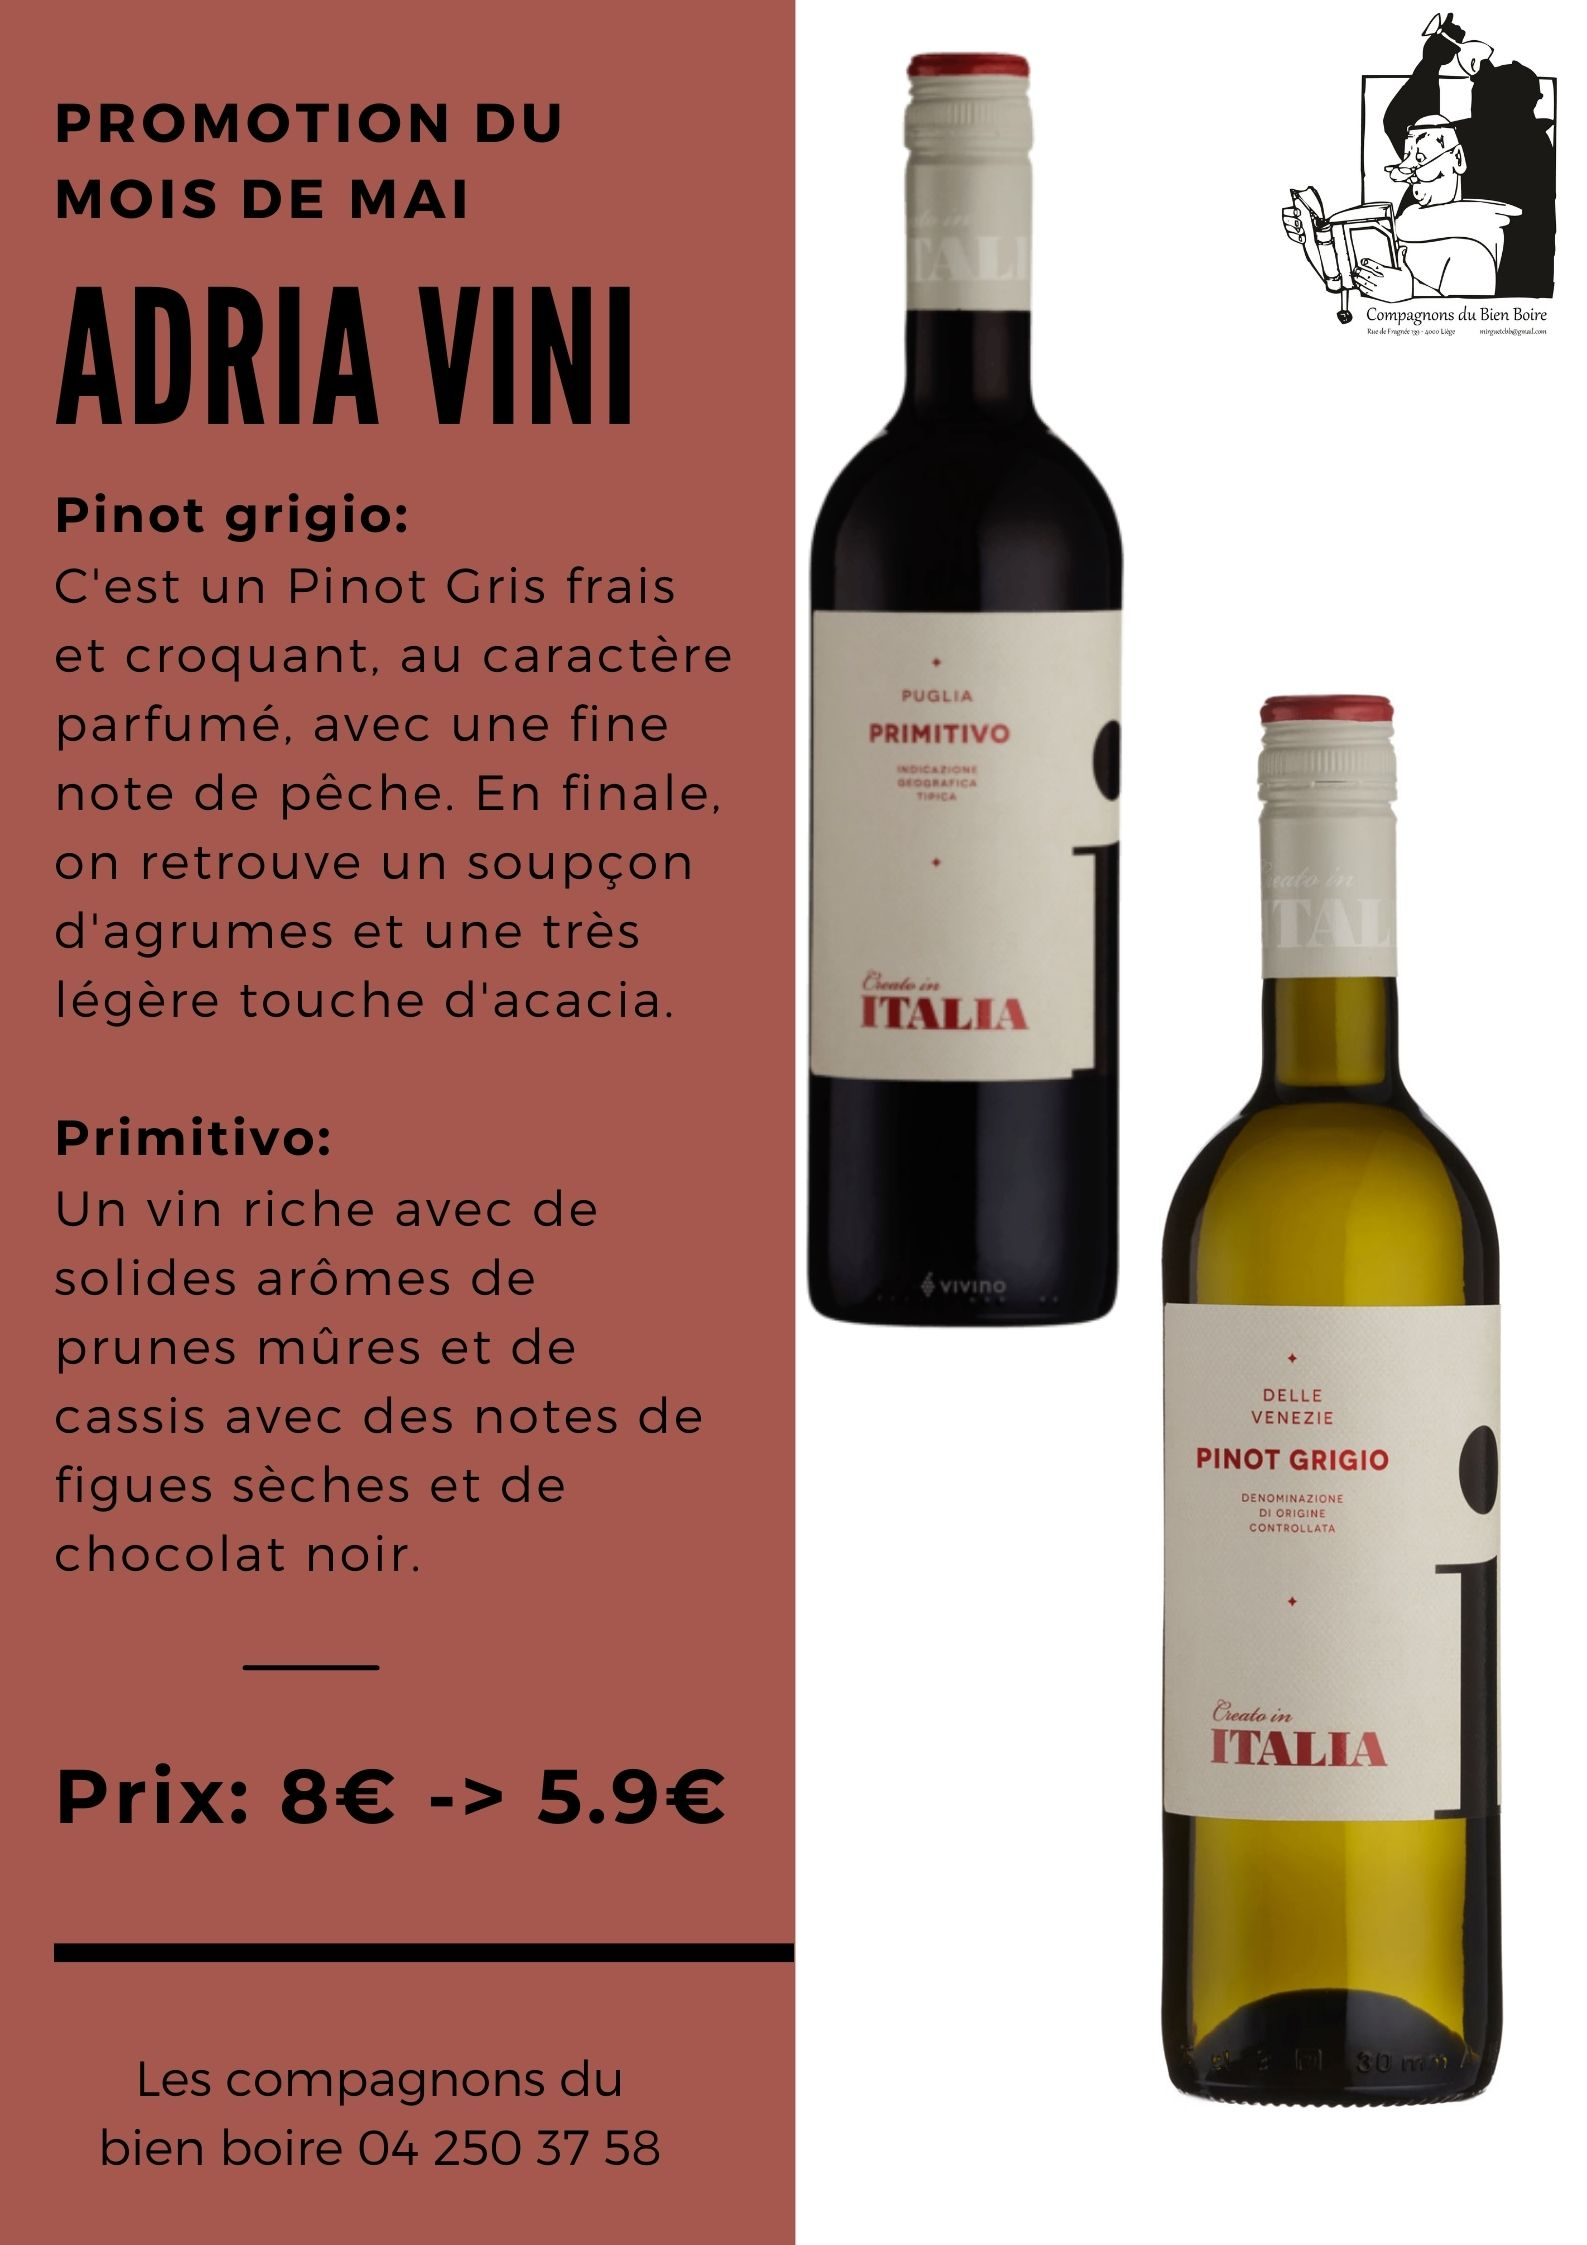 Derniers arrivages Vins Adria Vini